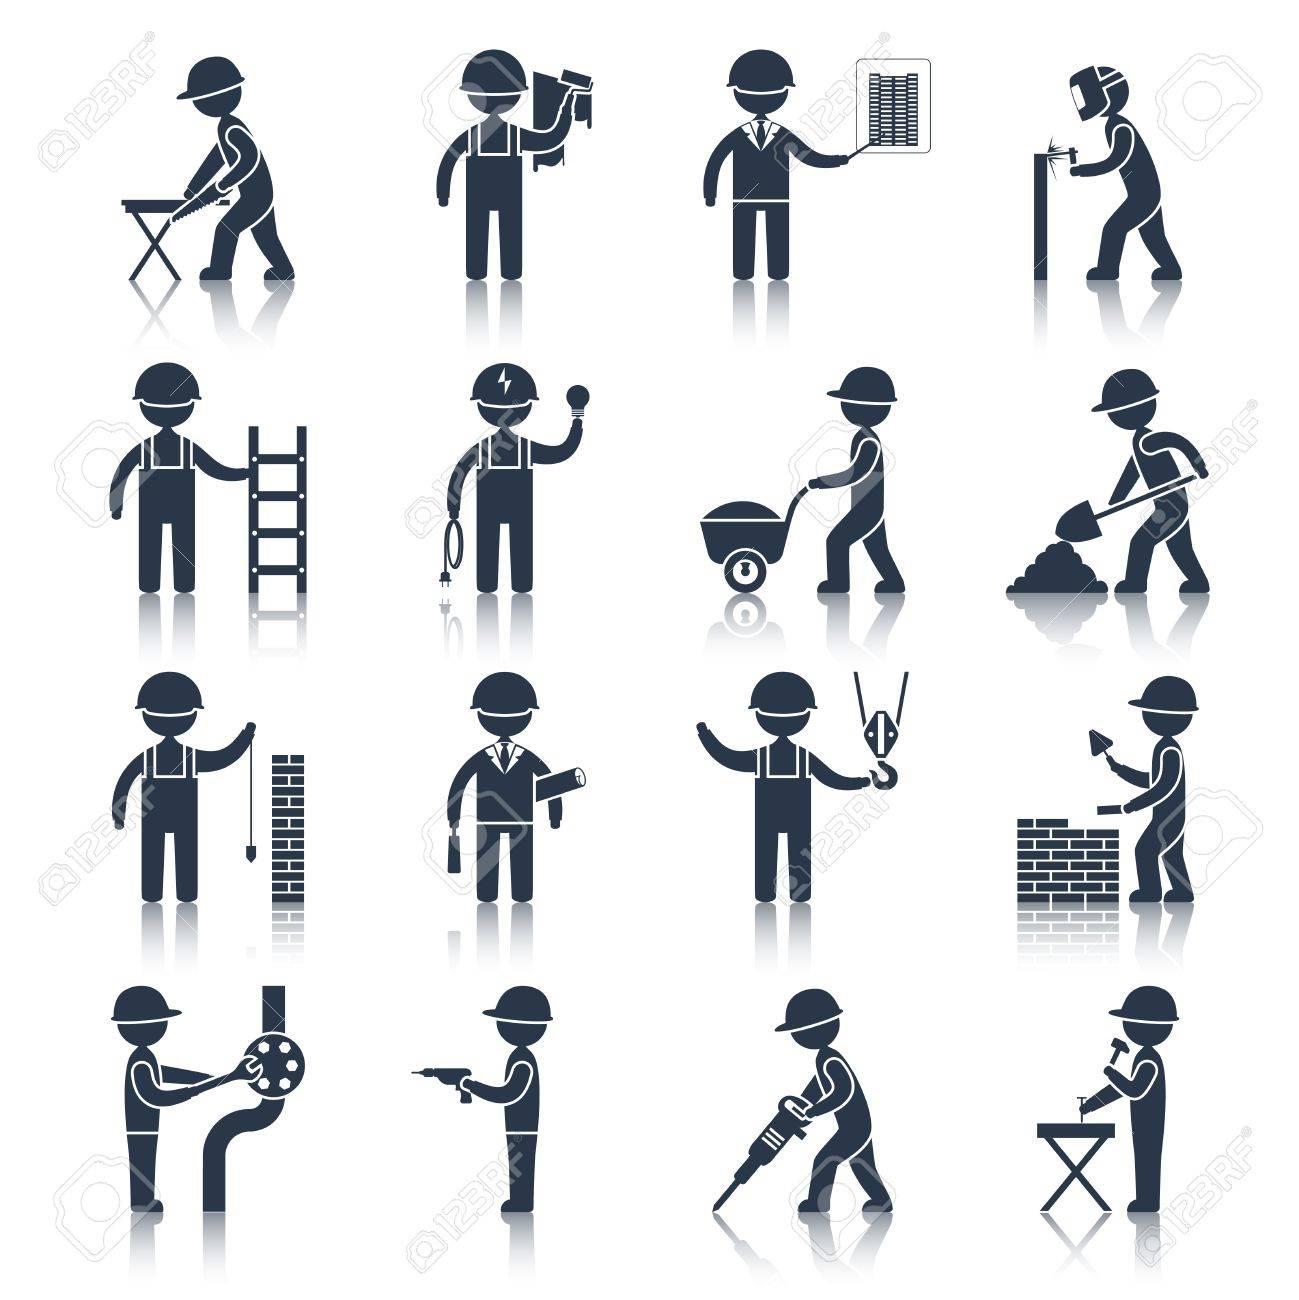 Bauarbeiter schwarz weiß  Bauarbeiter Menschen Silhouetten Icons Schwarz Satz Isoliert ...